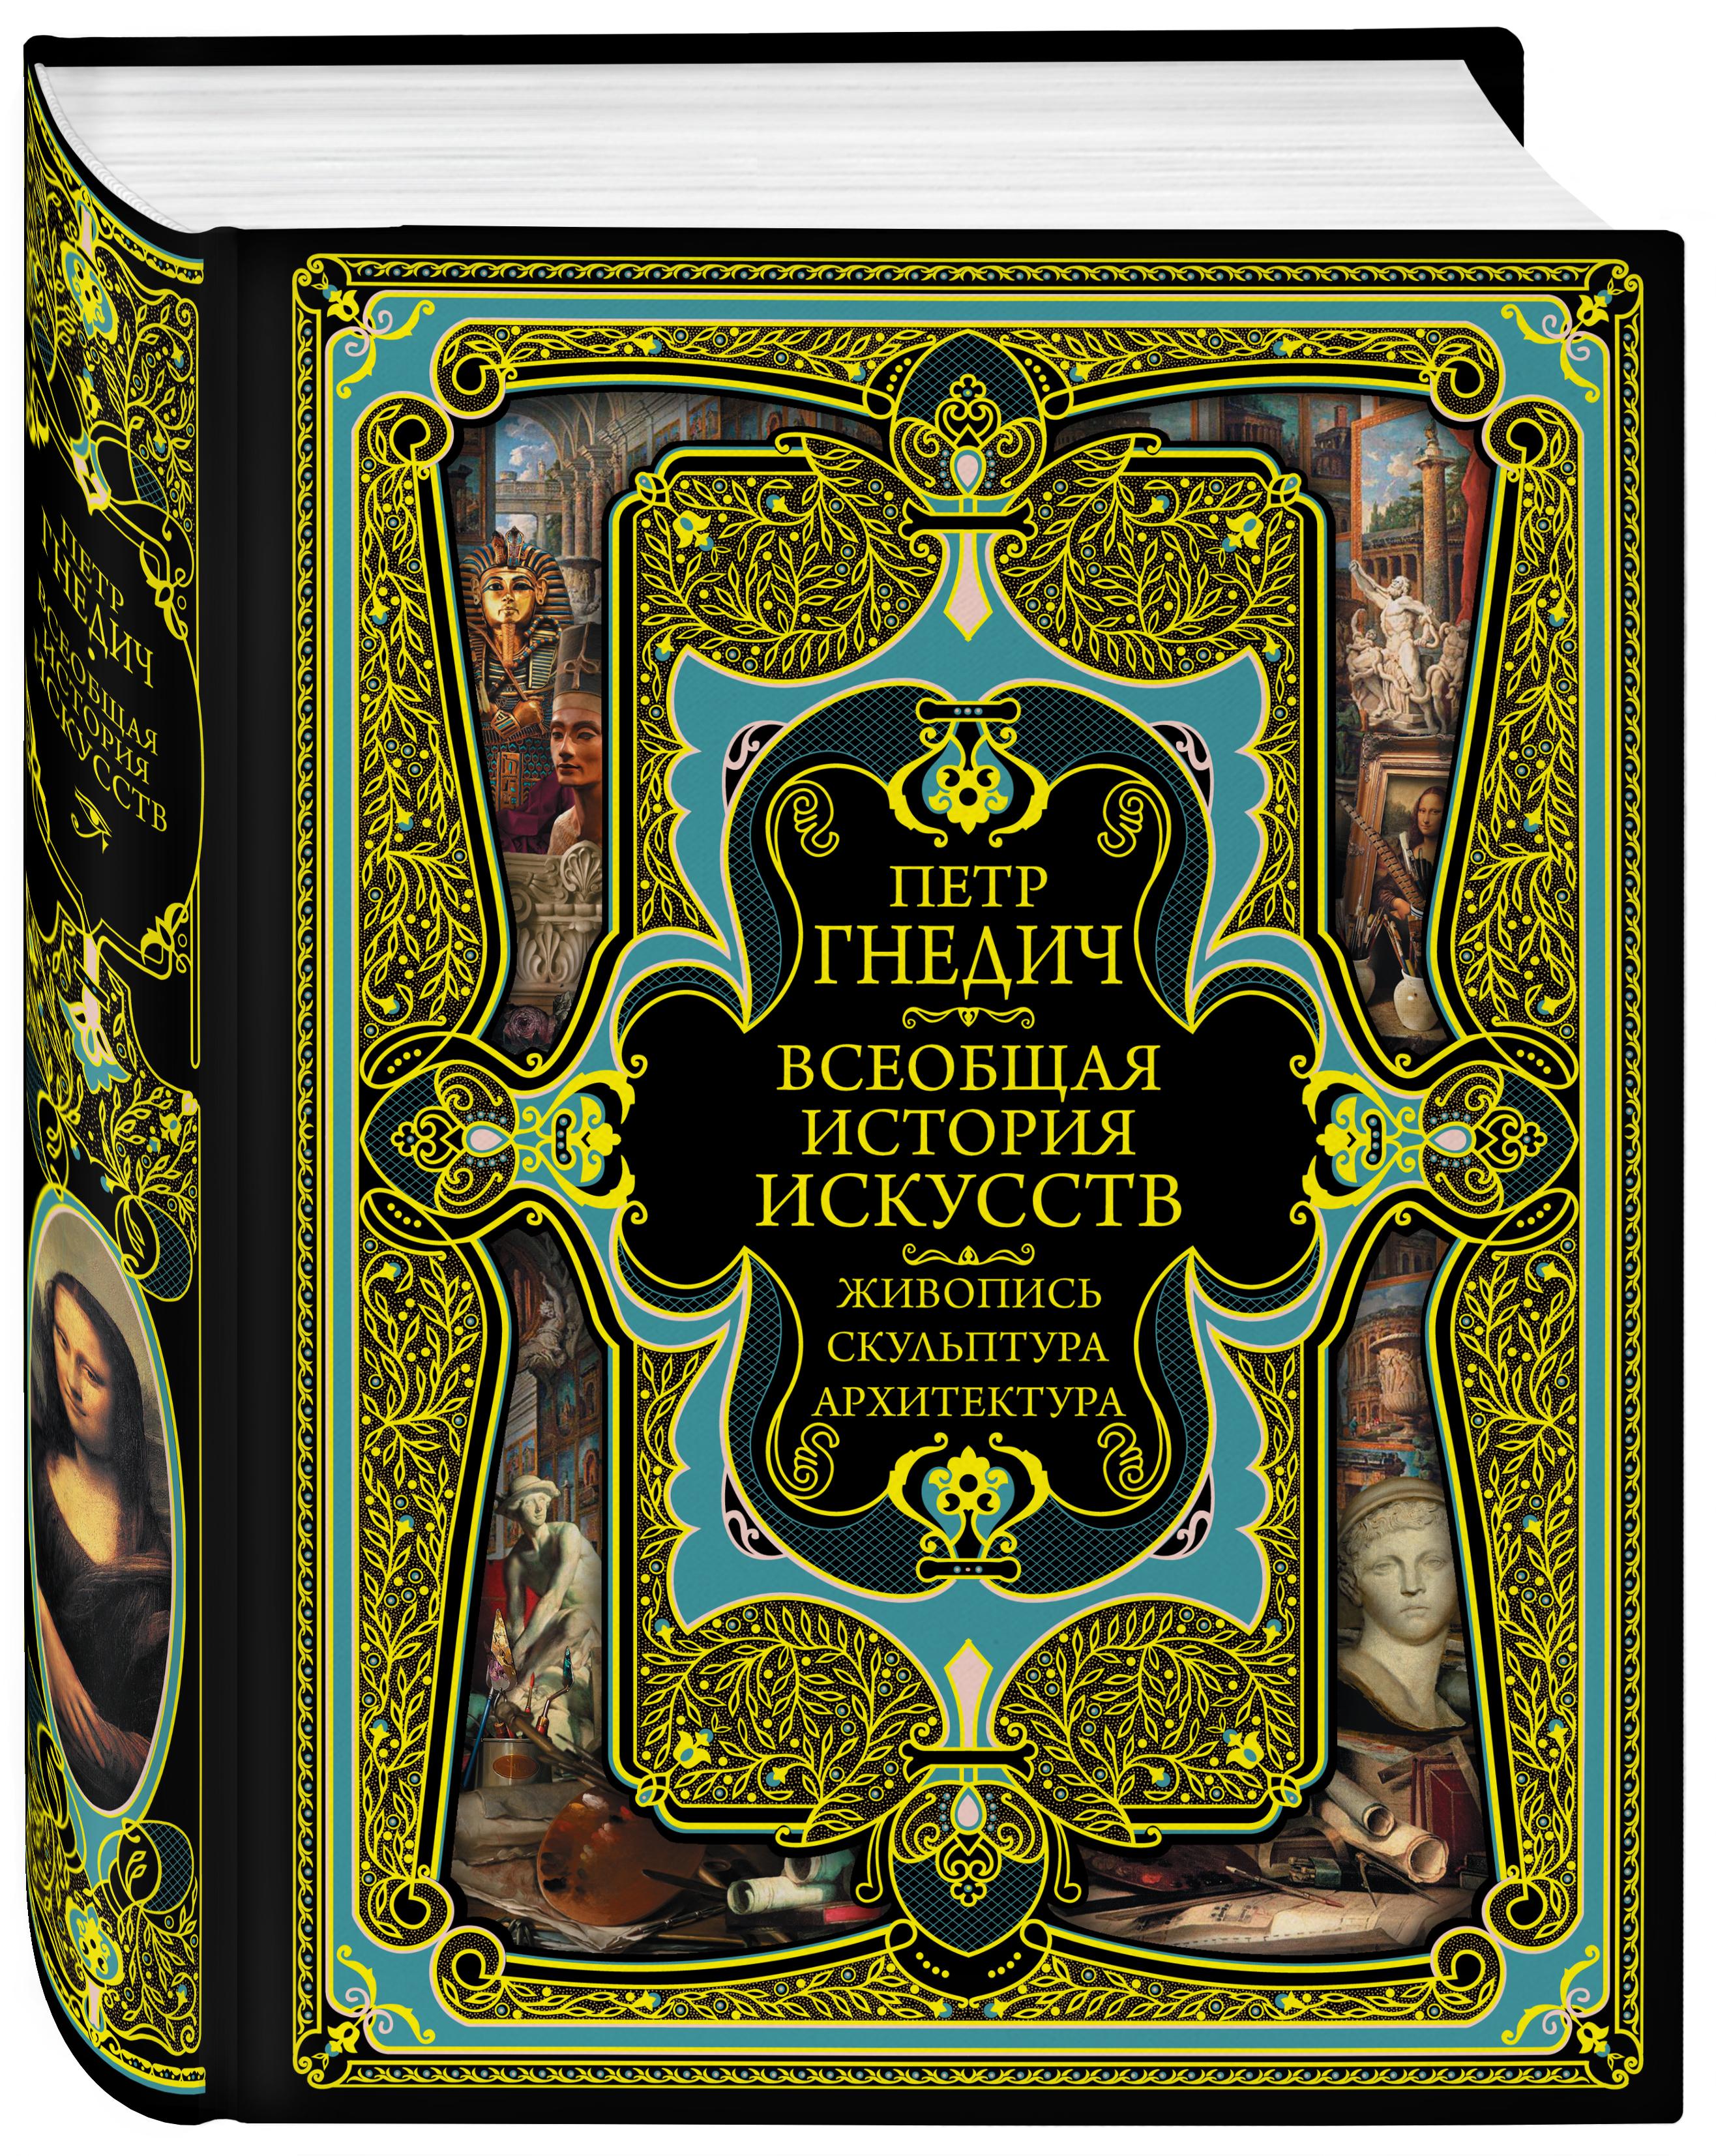 П. П. Гнедич Всеобщая история искусств петр гнедич история искусств европа и россия мастера живописи